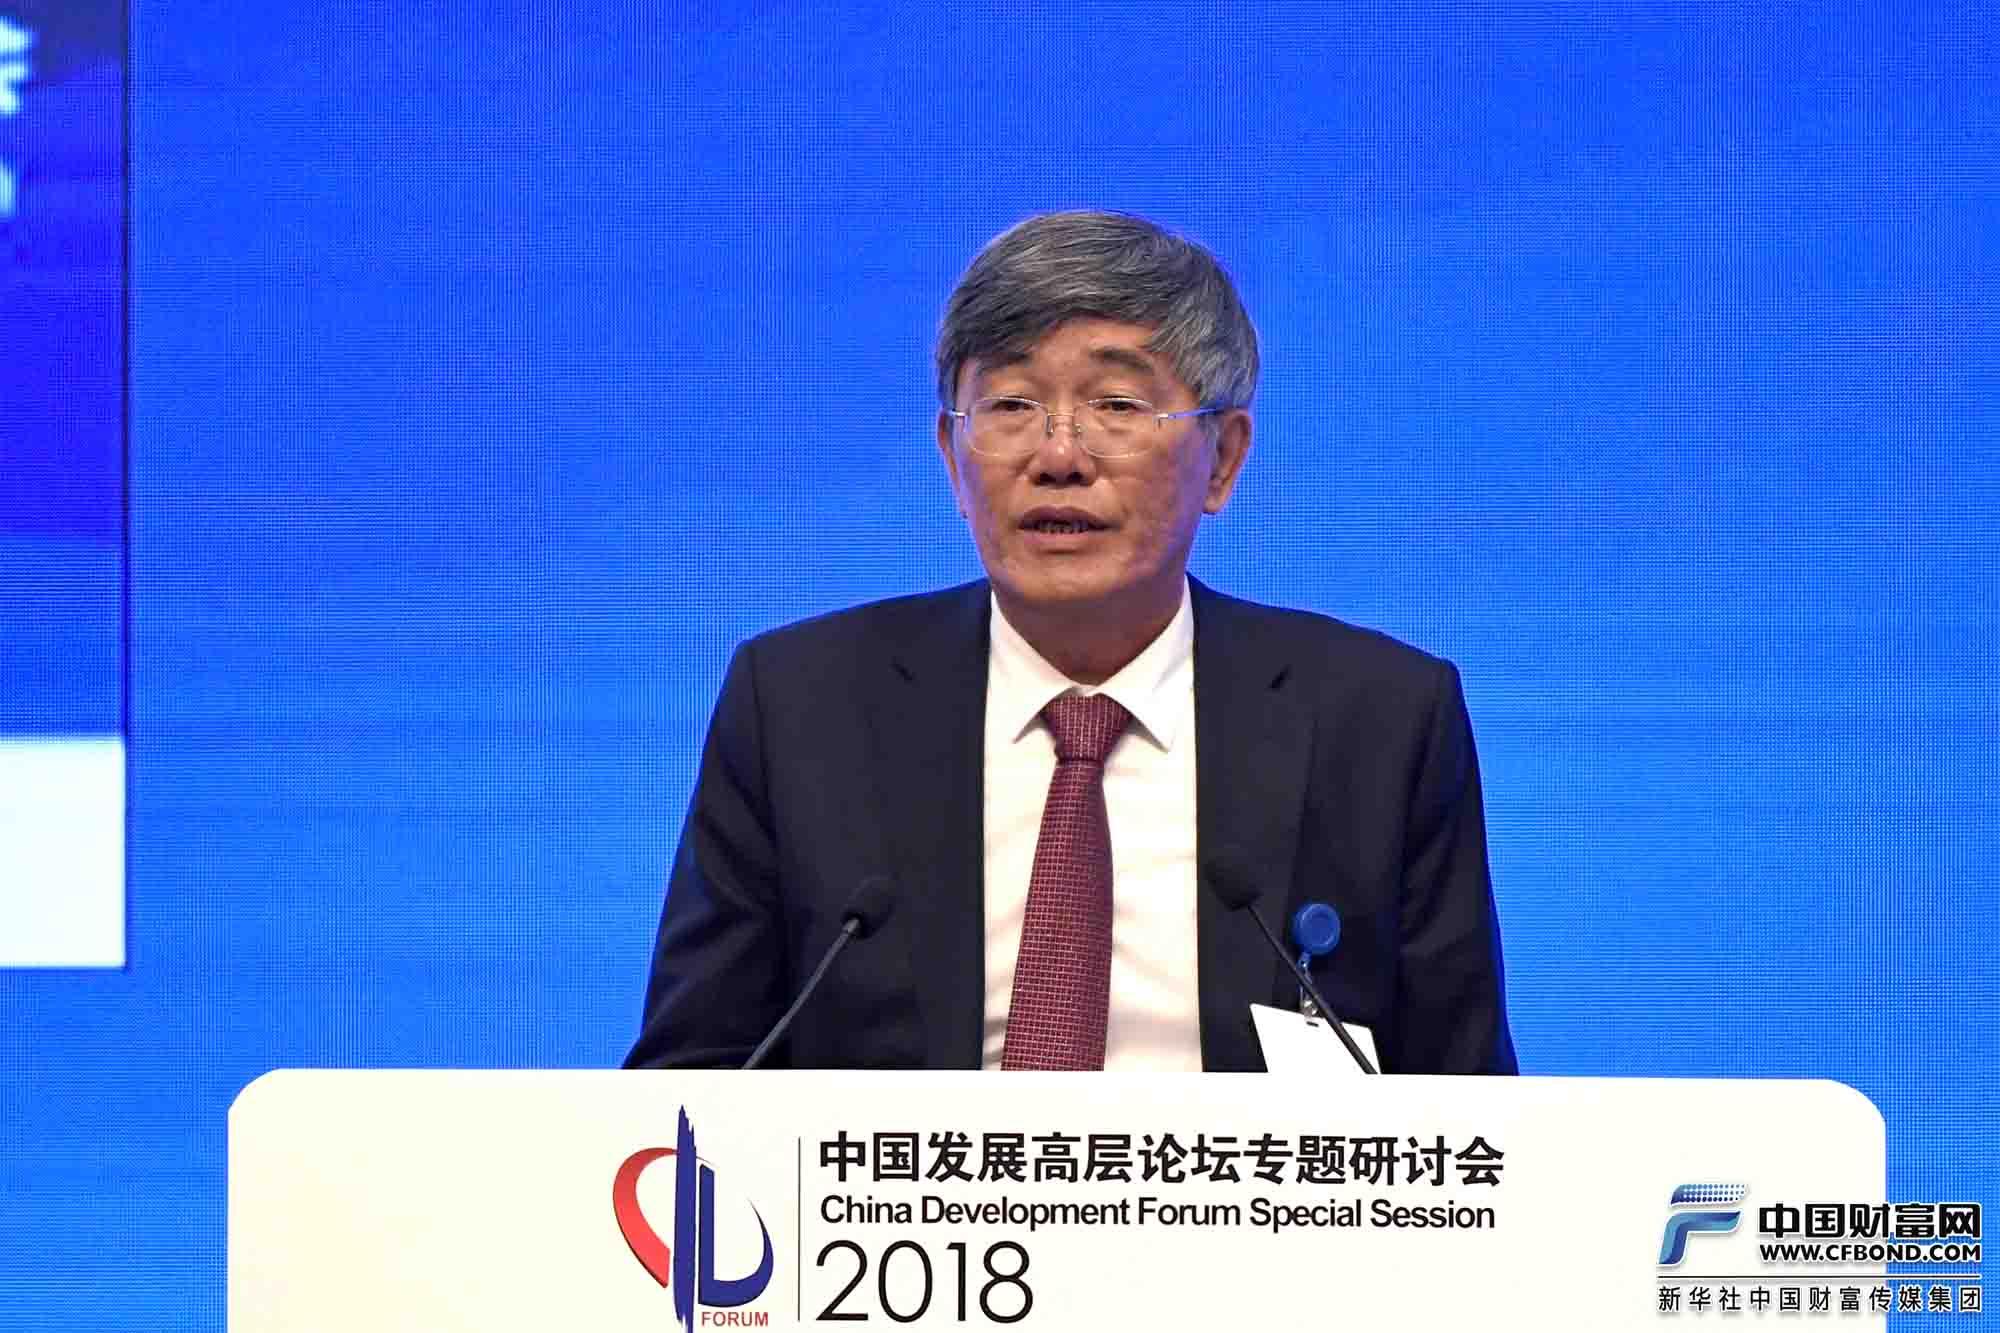 全国政协经济委员会副主任杨伟民发言